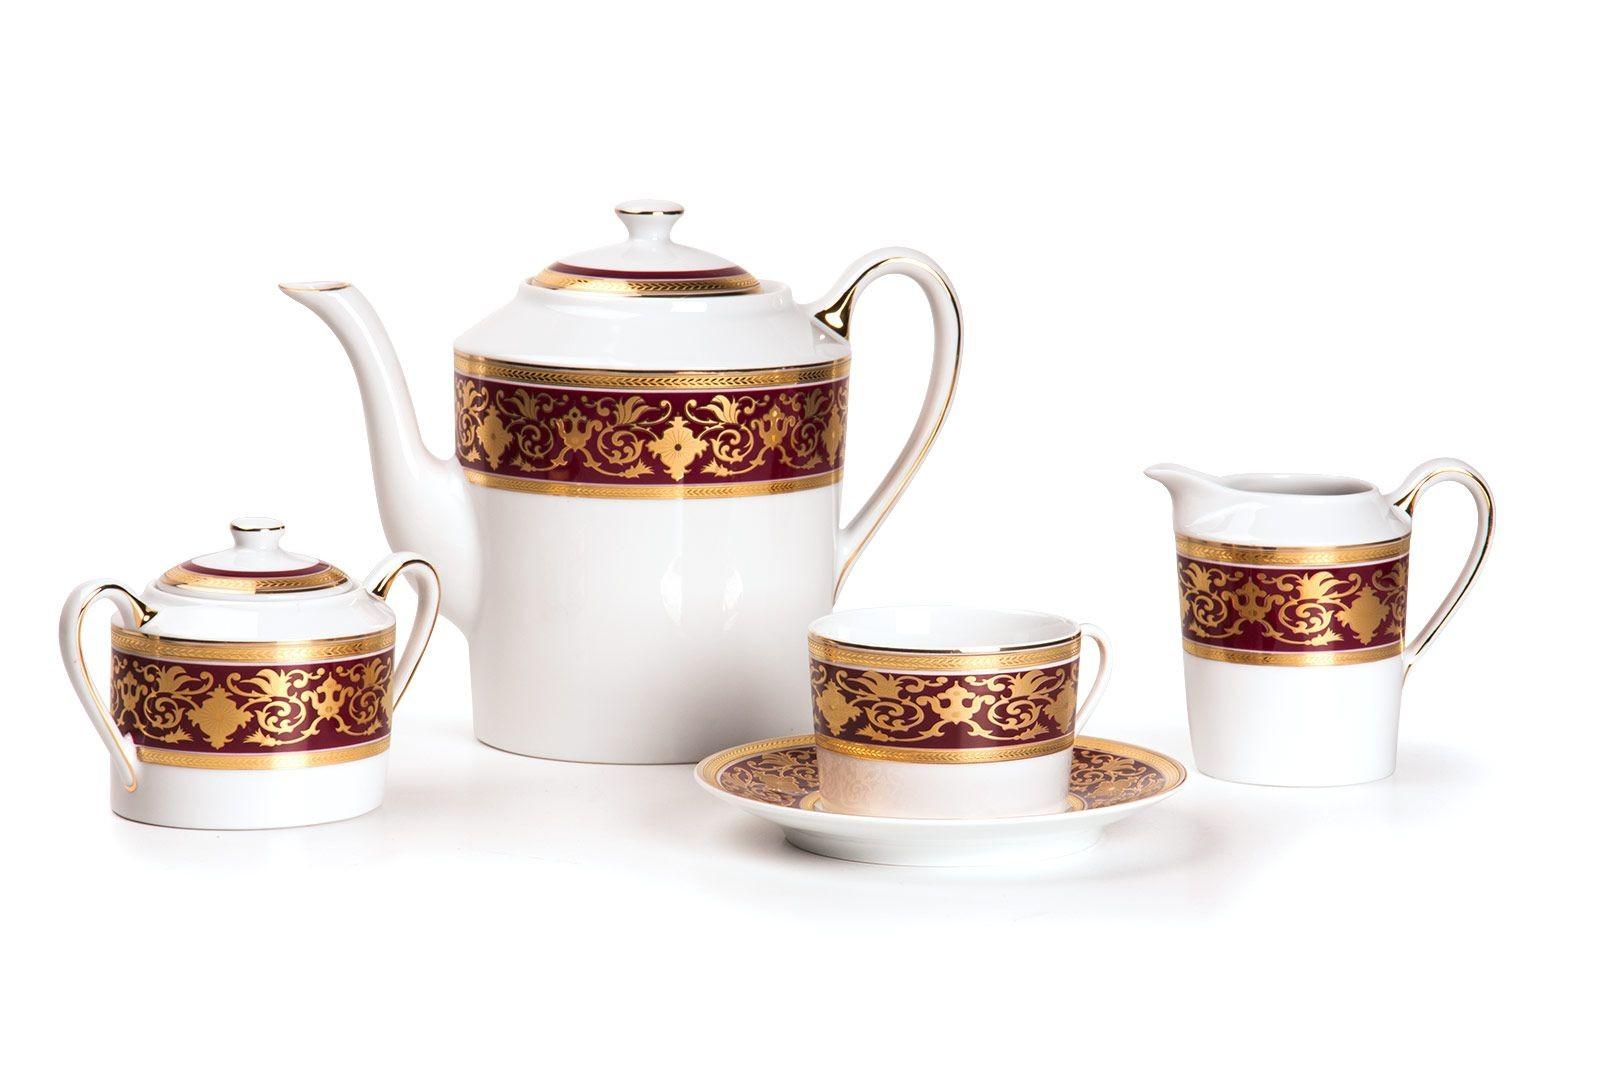 Фарфоровый чайный сервиз на 6 персон RAMSES BORDEAUX MIMOSA